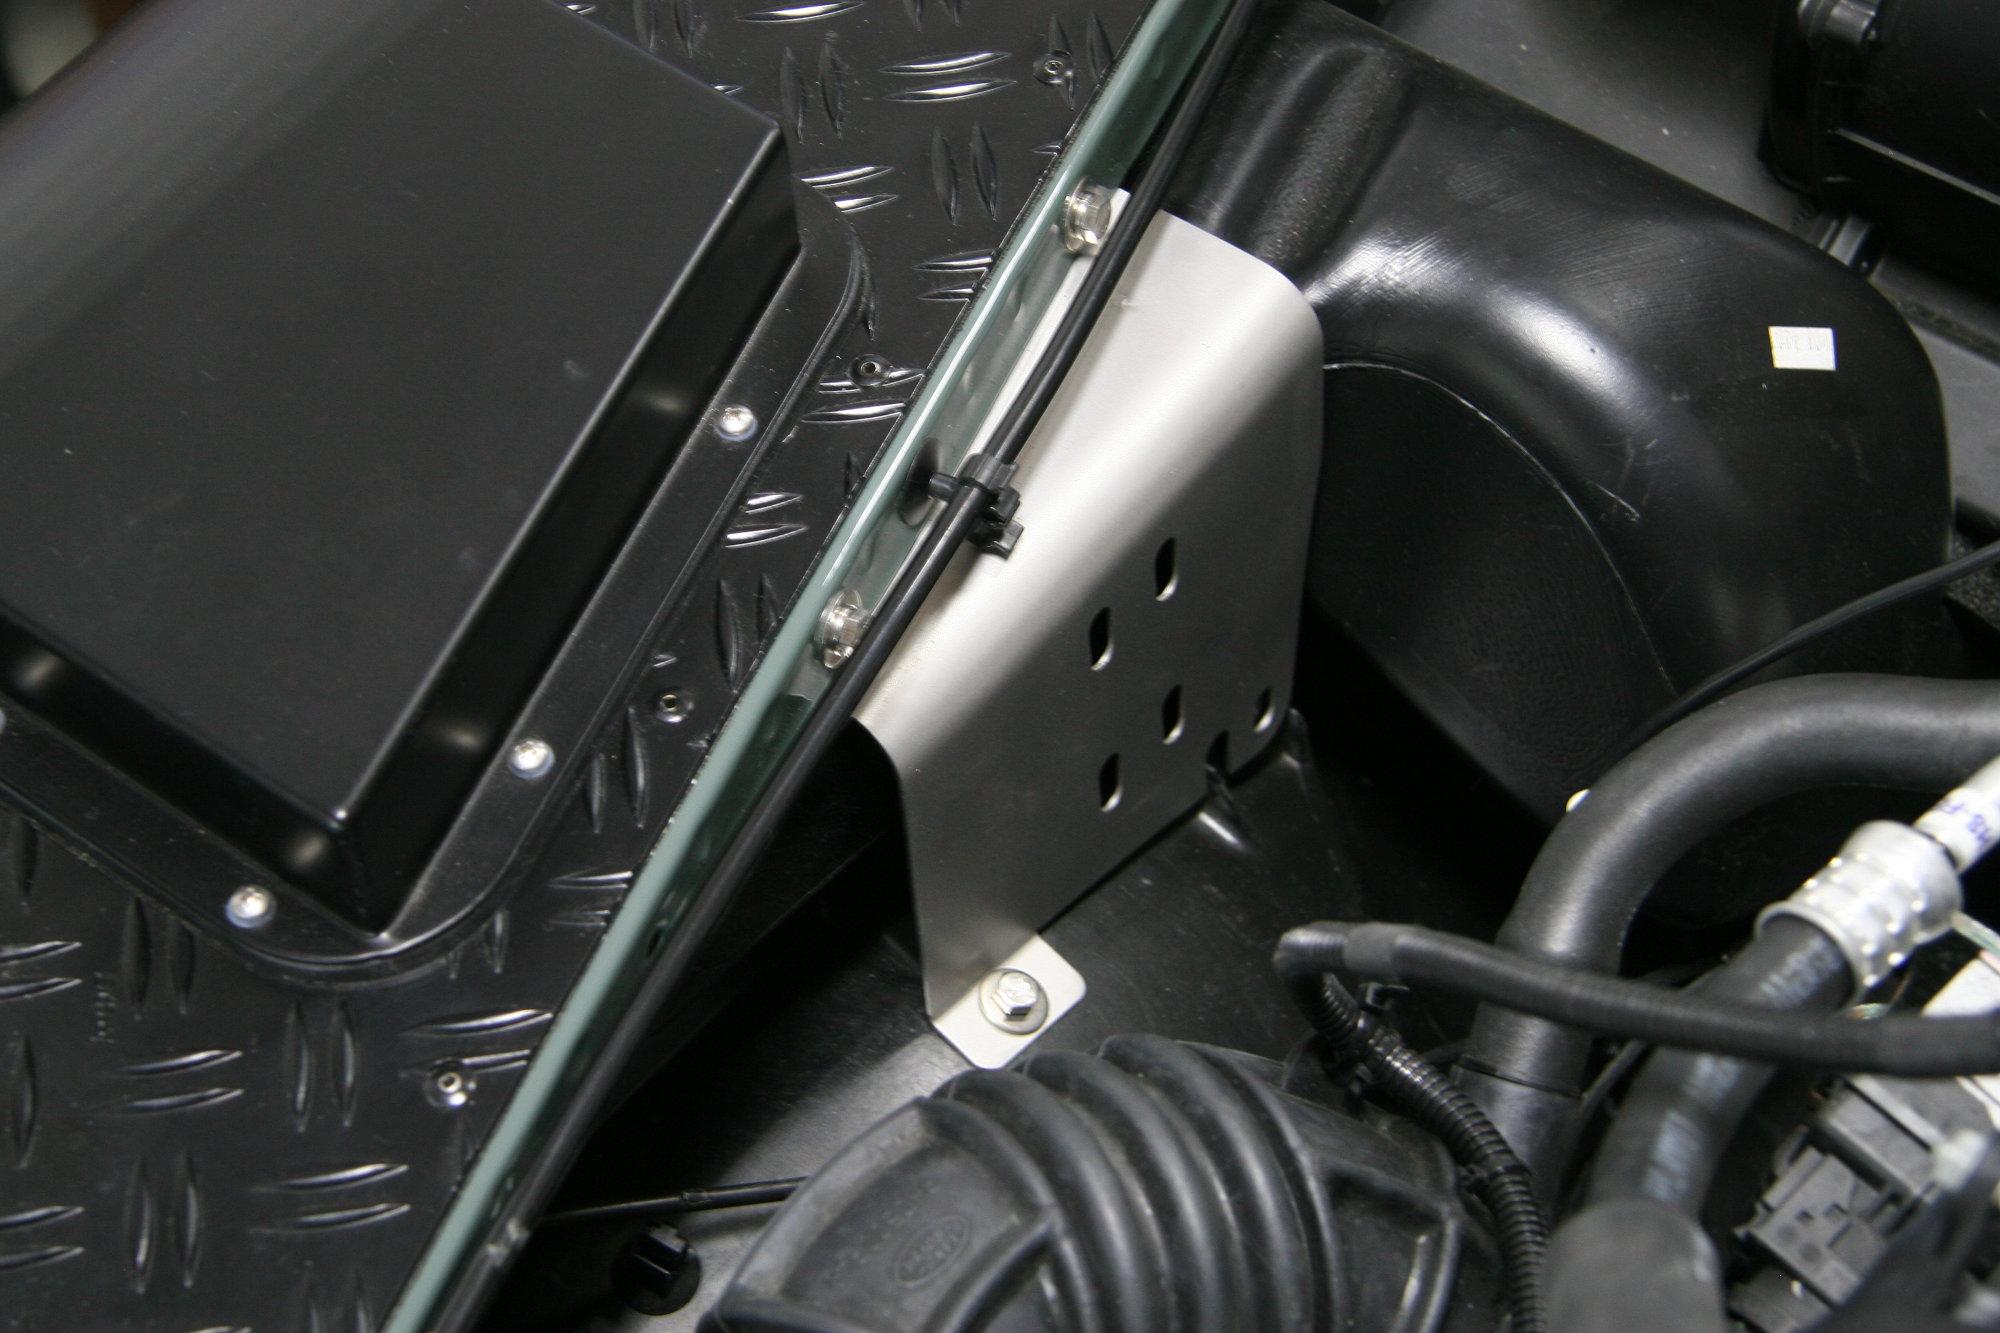 Kotfluegelstuetzbleche Land Rover Defender.000